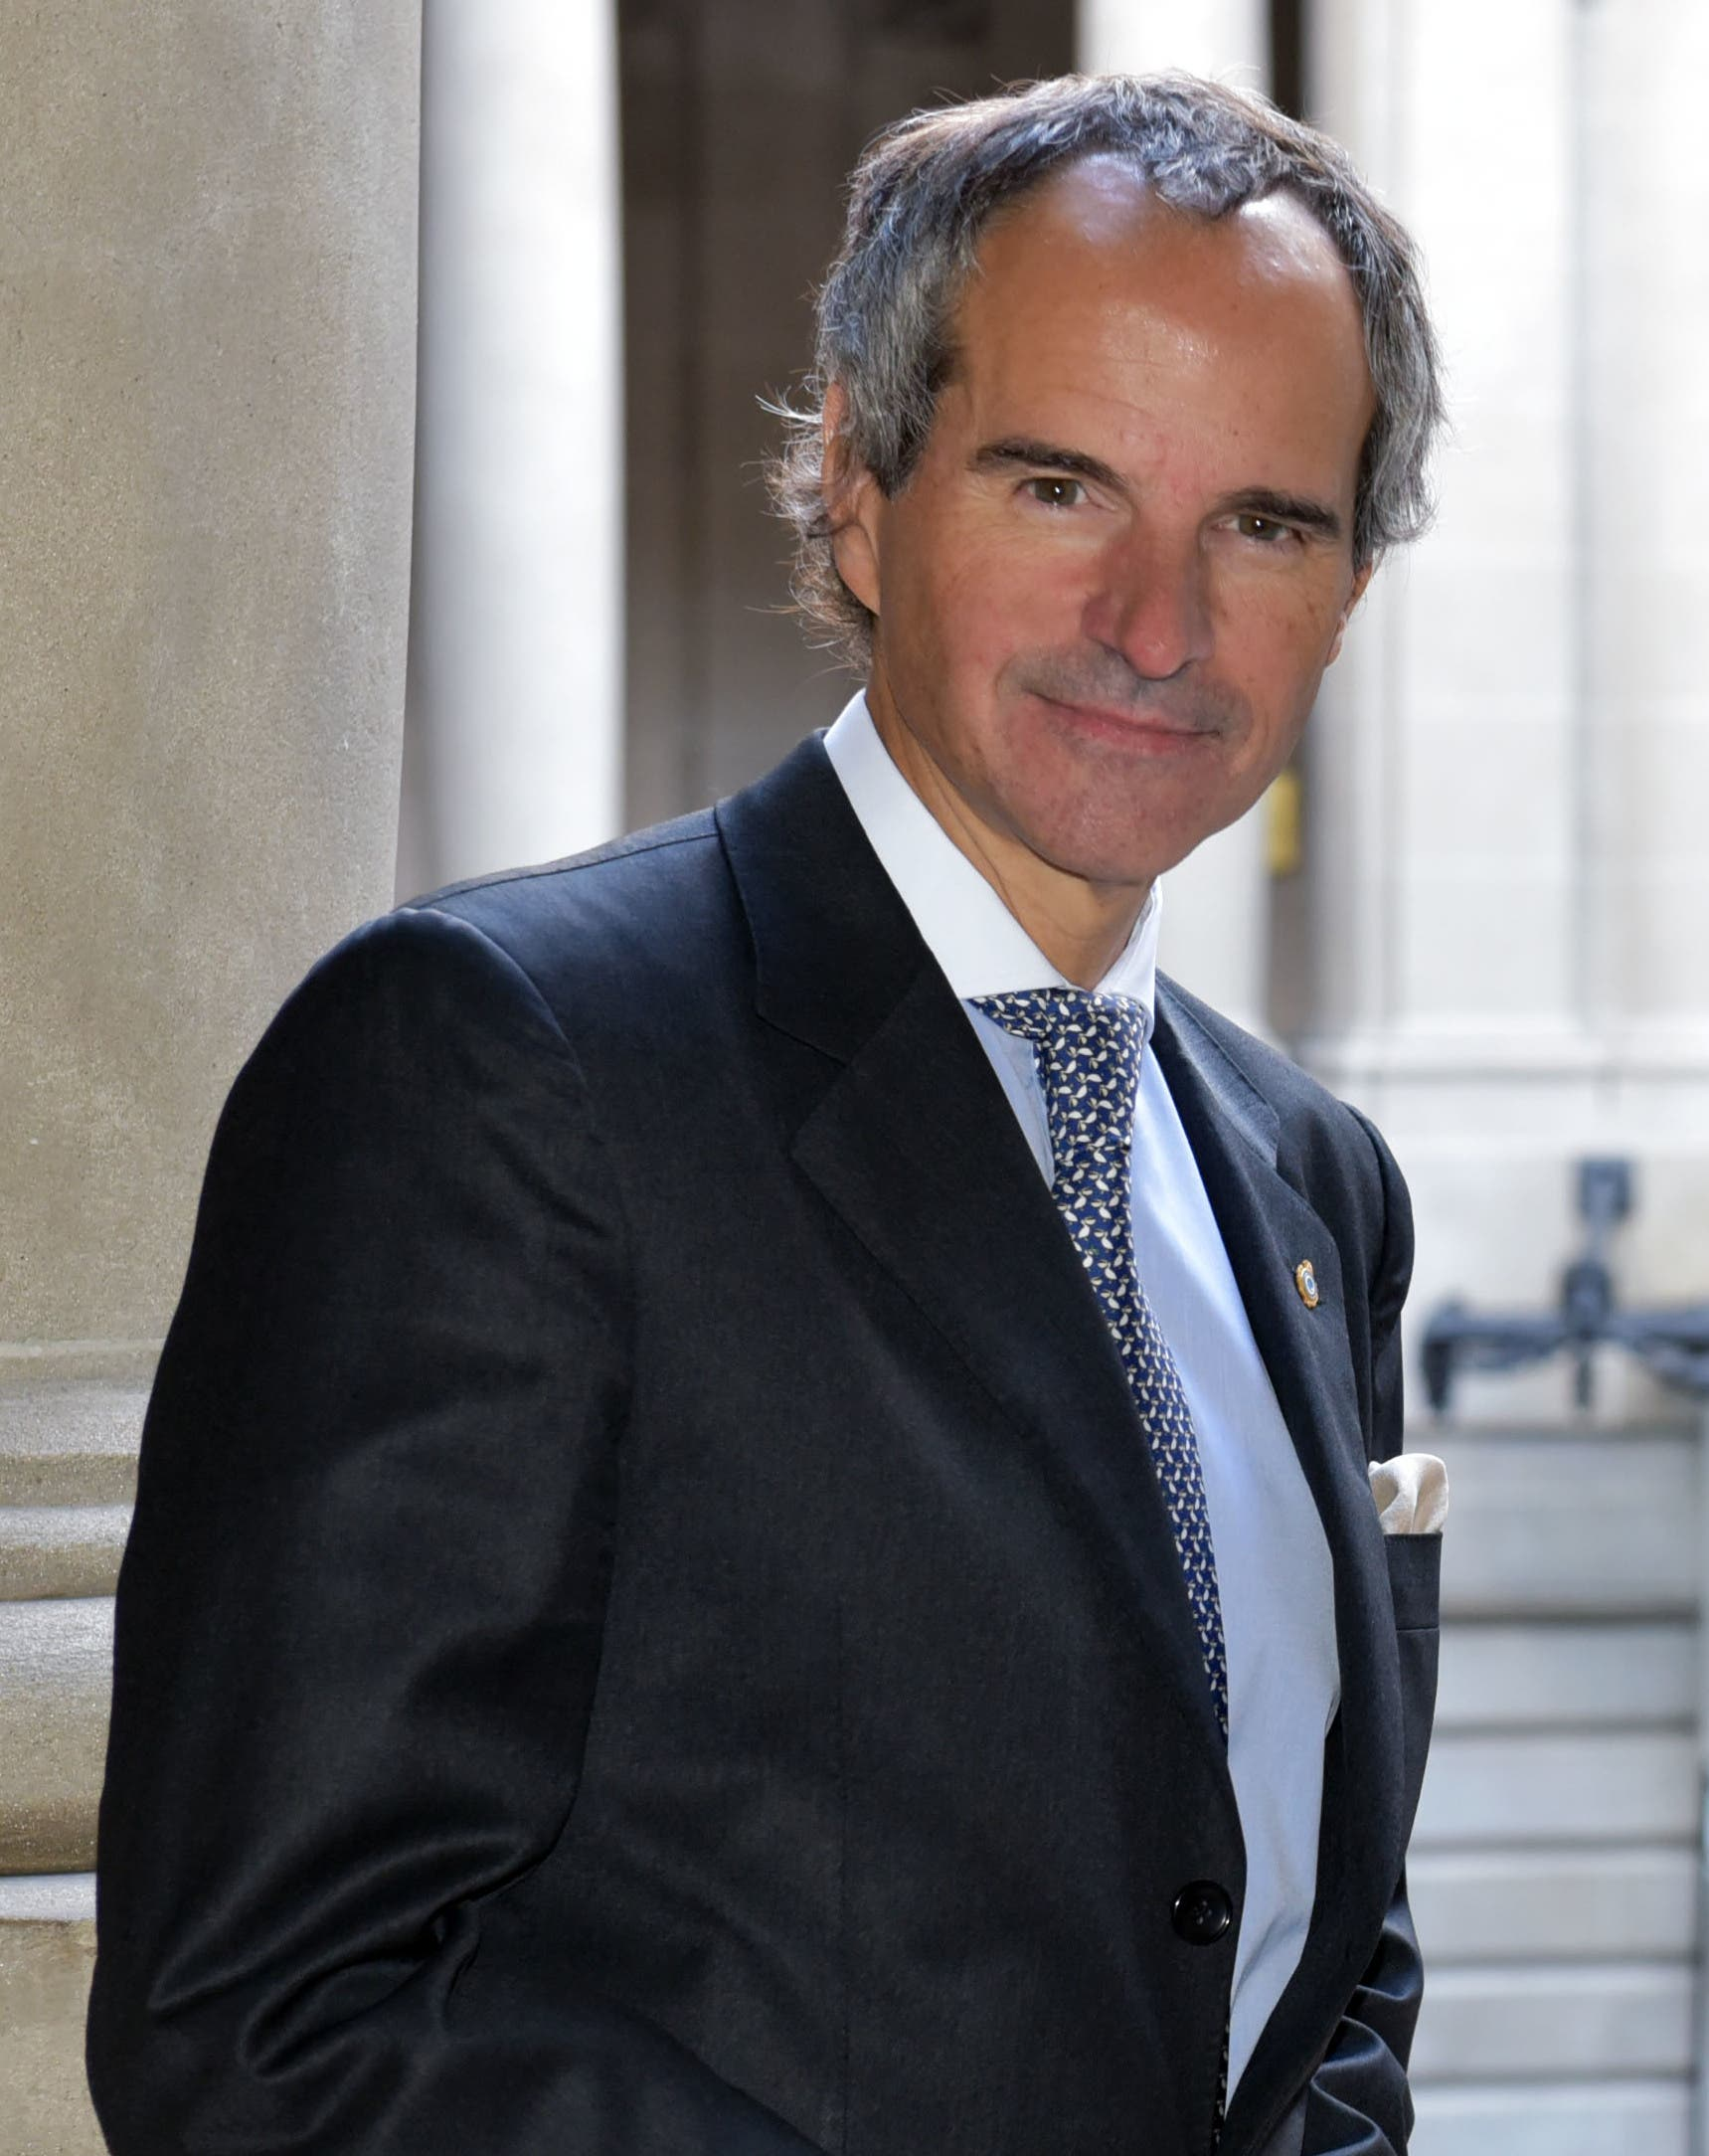 رافاييل غروسي المدير العام للوكالة الدولية للطاقة الذرية